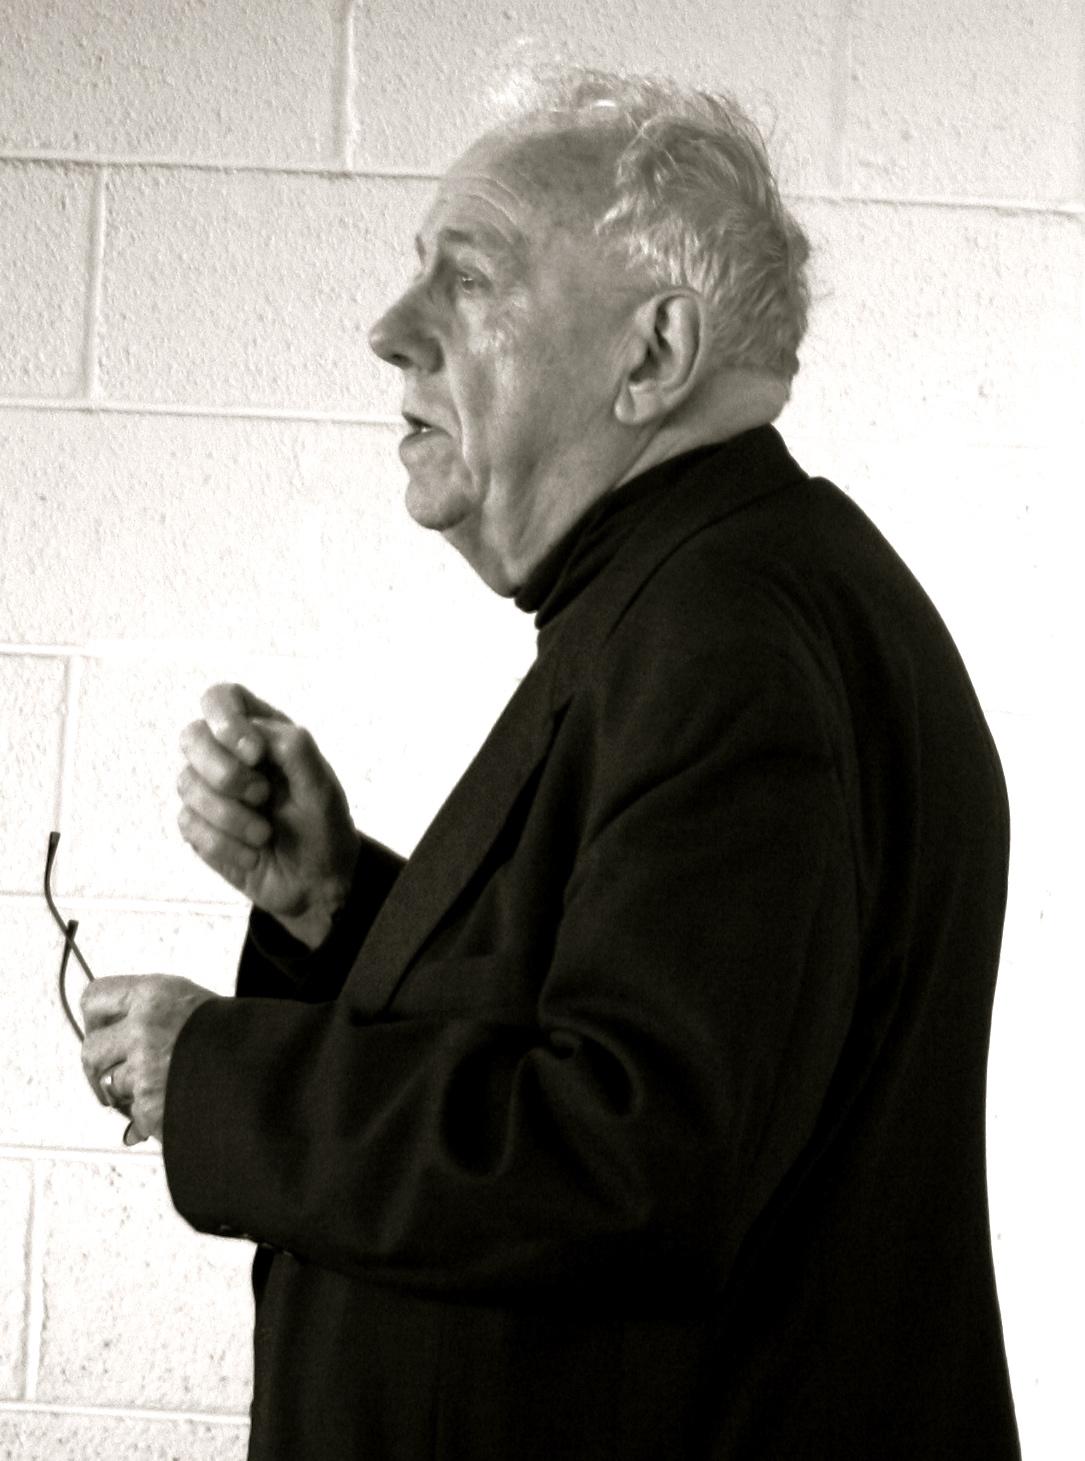 MacIntyre in 2009